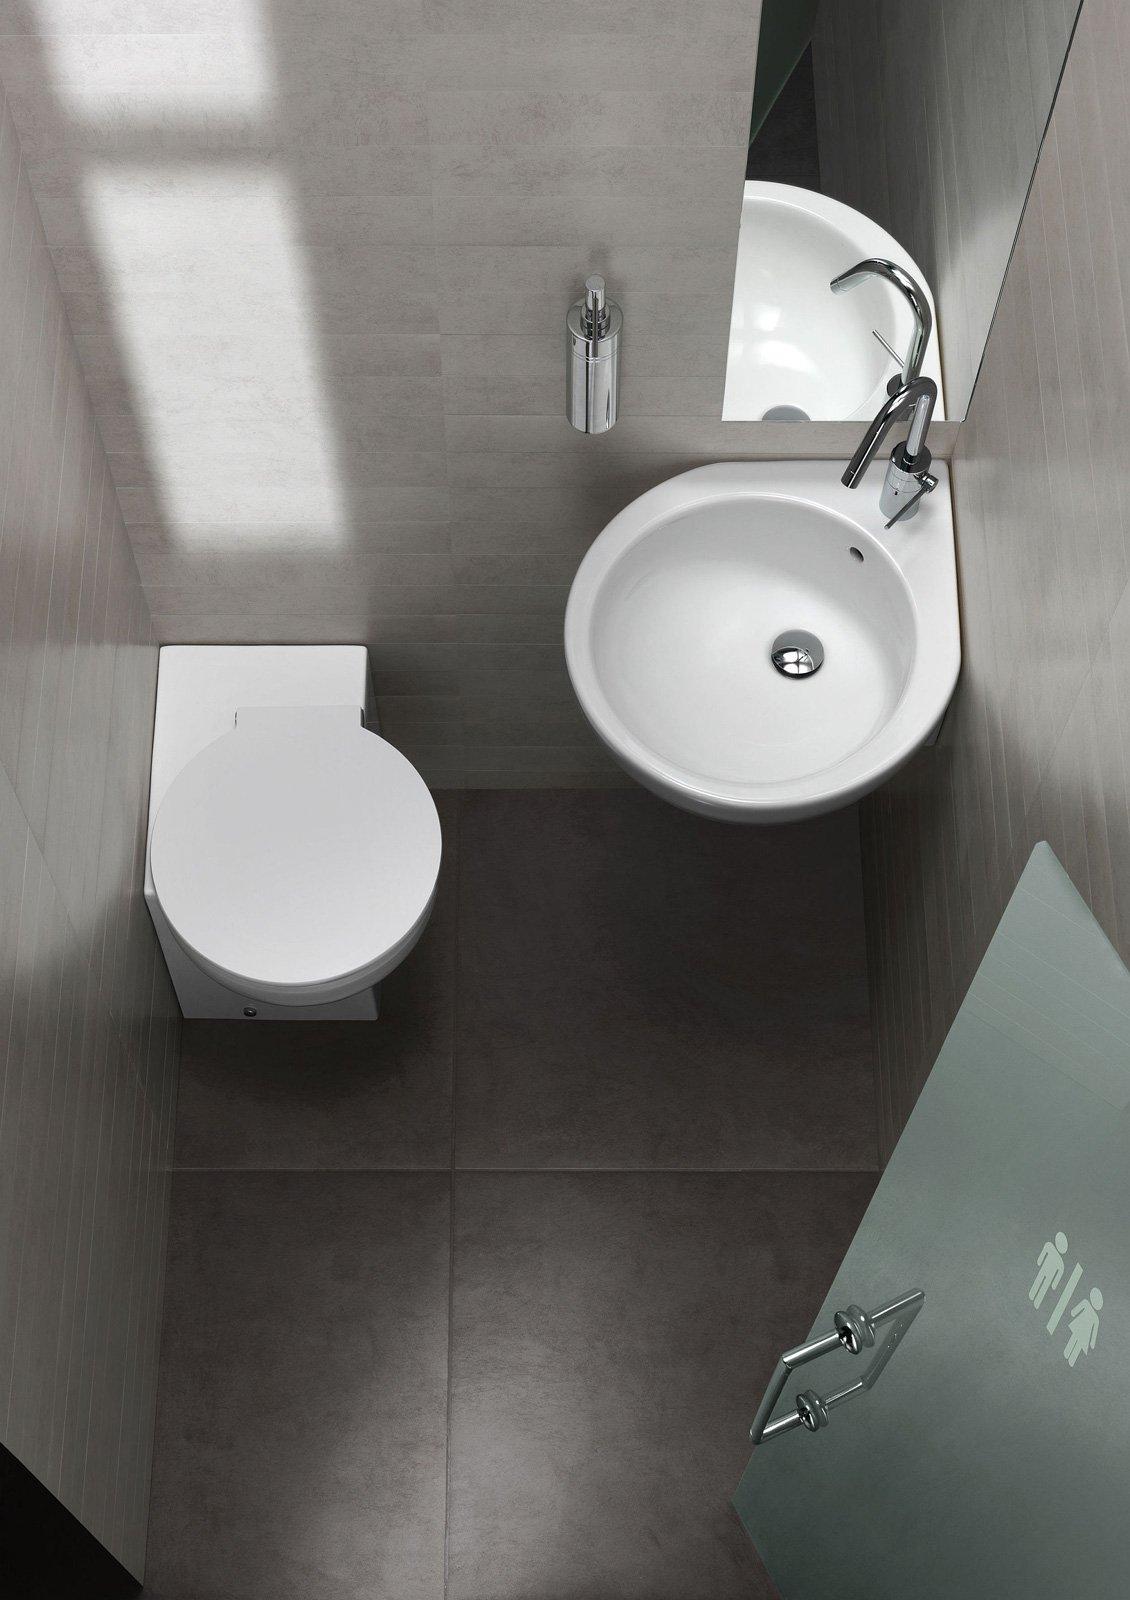 Salvaspazio per il bagno water e bidet piccoli cose di casa - Dimensioni sanitari bagno piccoli ...